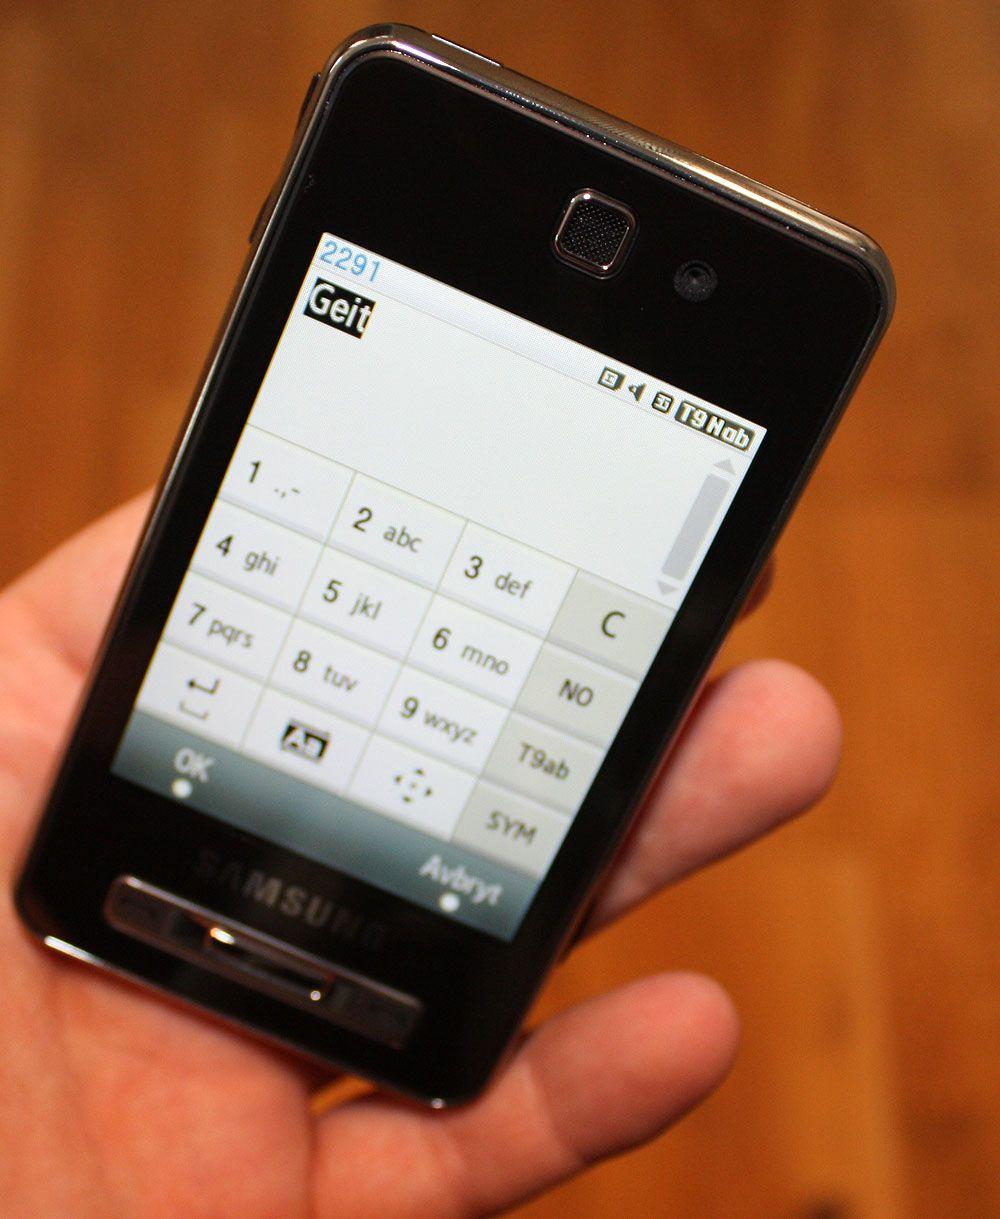 SMS-funksjonen er litt tungvint, siden du må løfte fingeren fra skjermen hver gang du har trykket.